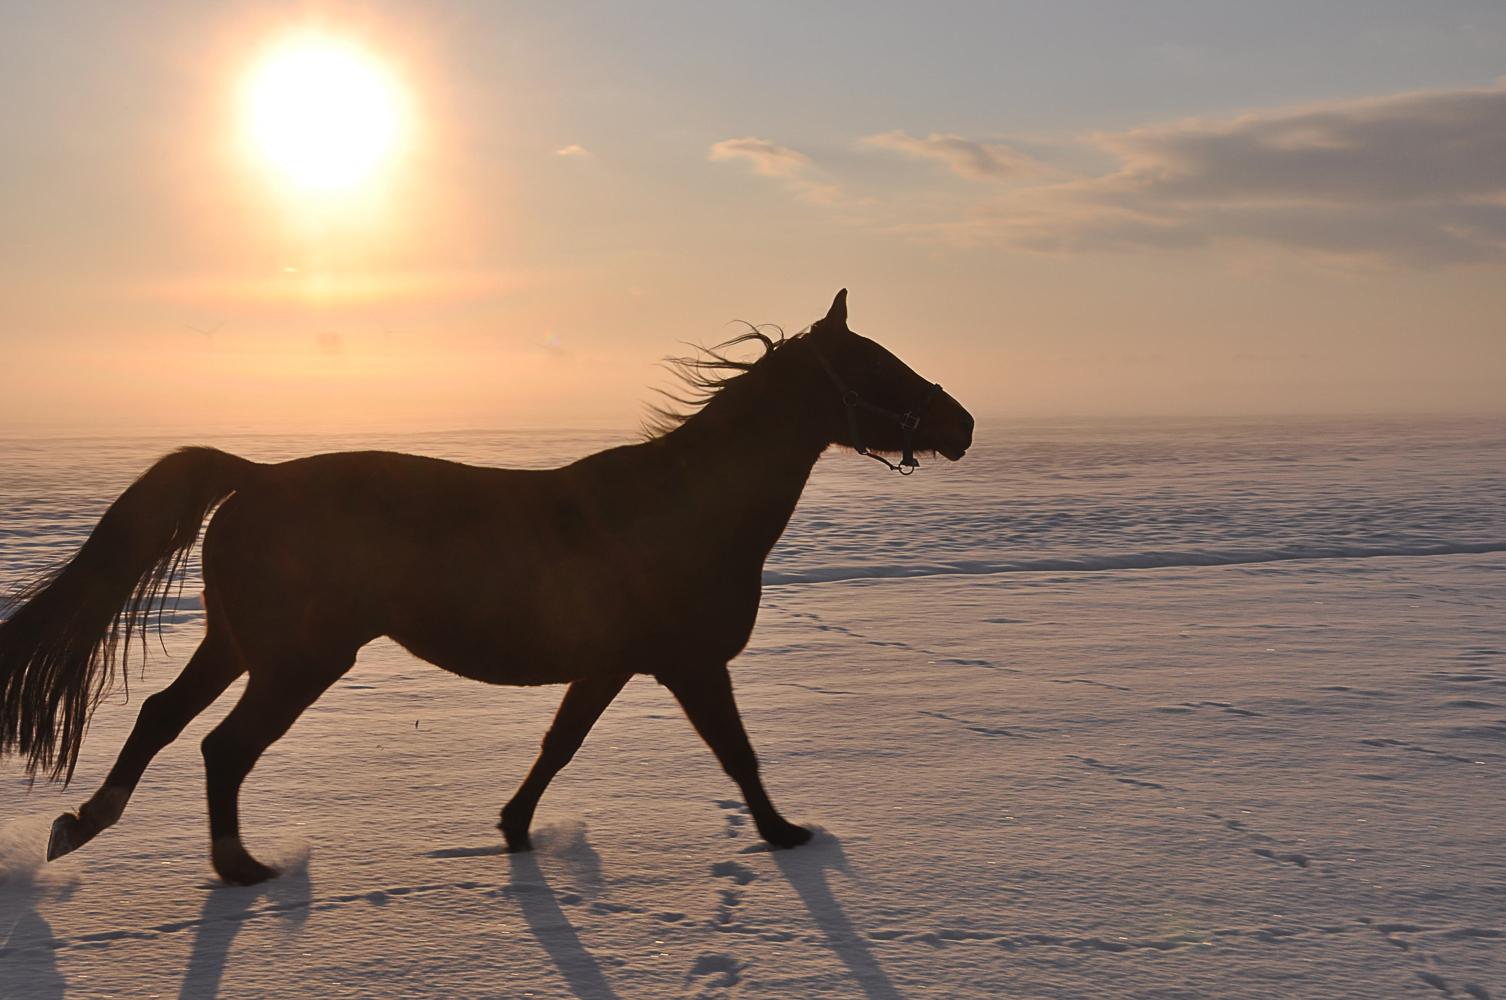 pferd im schnee foto bild tiere haustiere pferde esel maultiere bilder auf fotocommunity. Black Bedroom Furniture Sets. Home Design Ideas